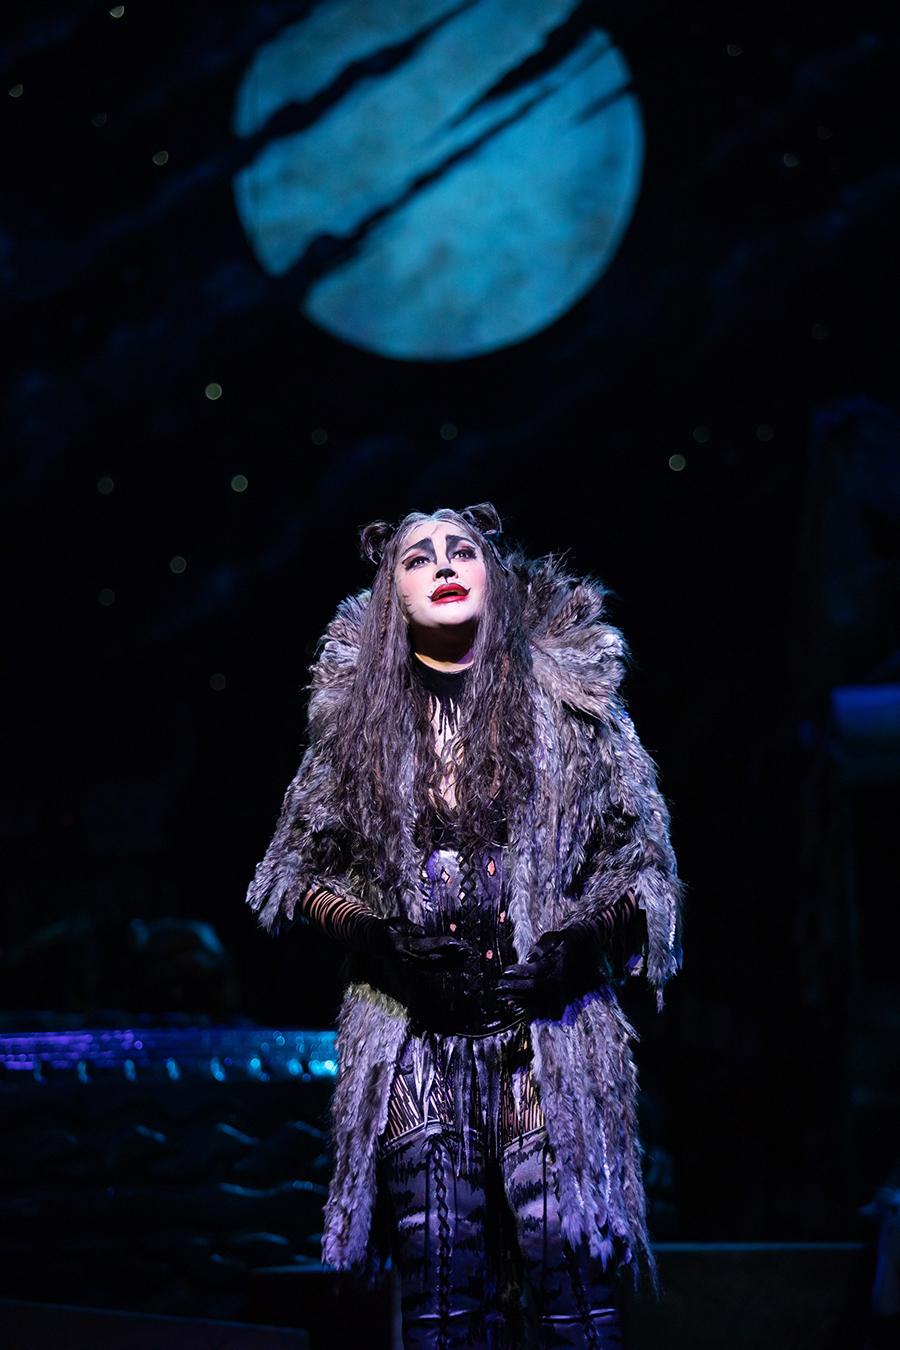 희망을 노래하는 고양이들이 뮤지컬 40주년 내한 공연으로 세종문화회관을 찾아온다.